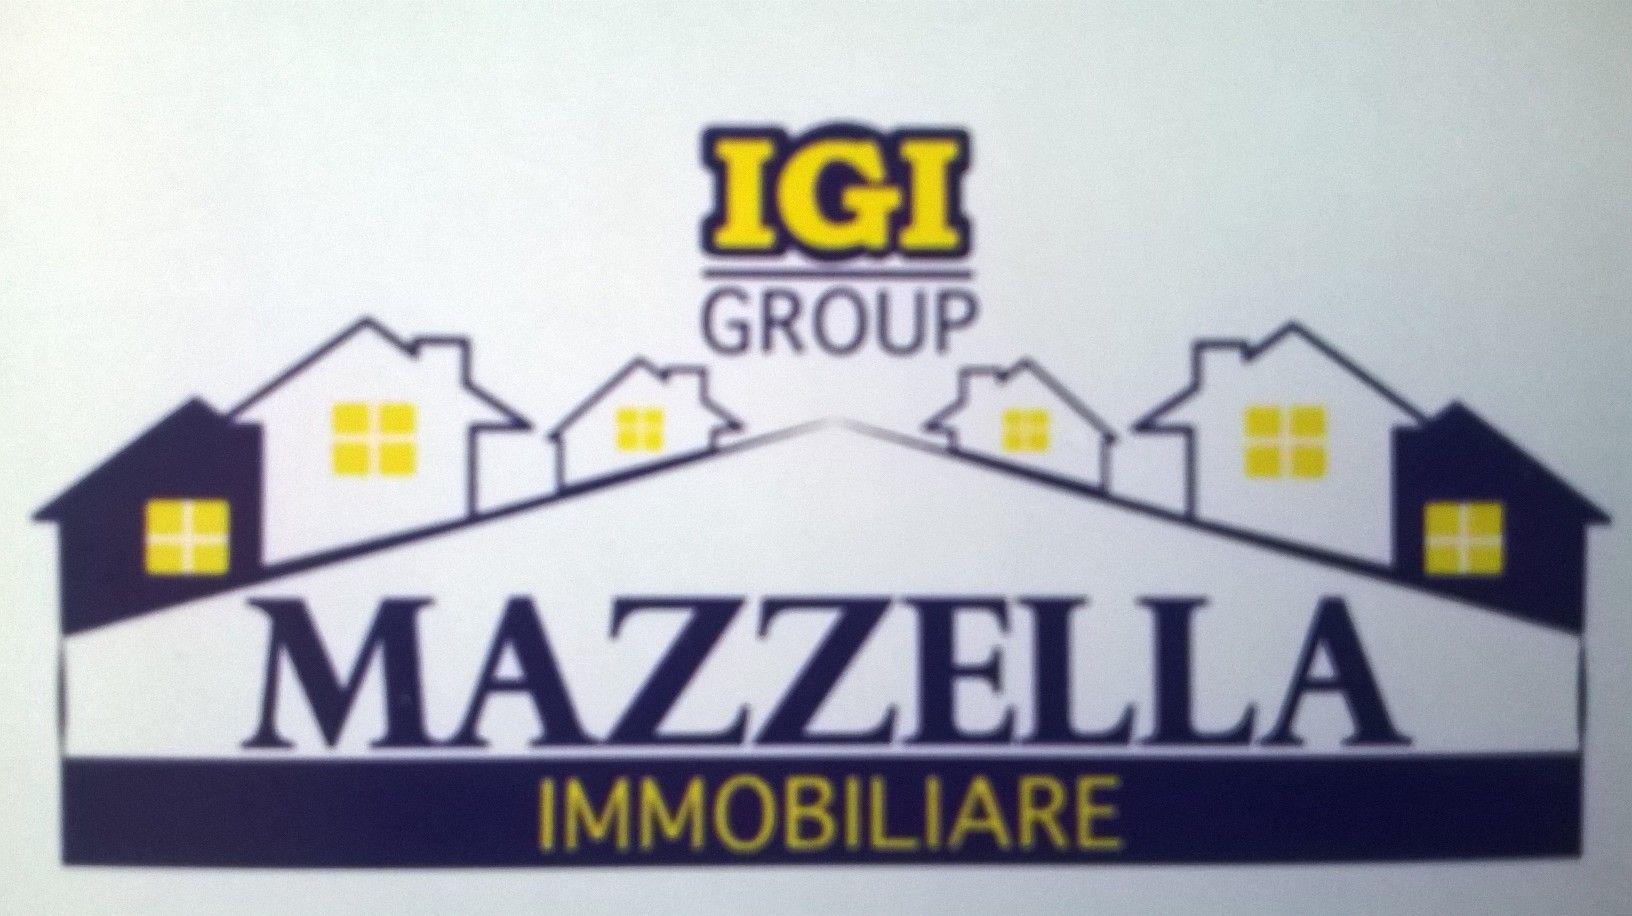 Mazzella Immobiliare